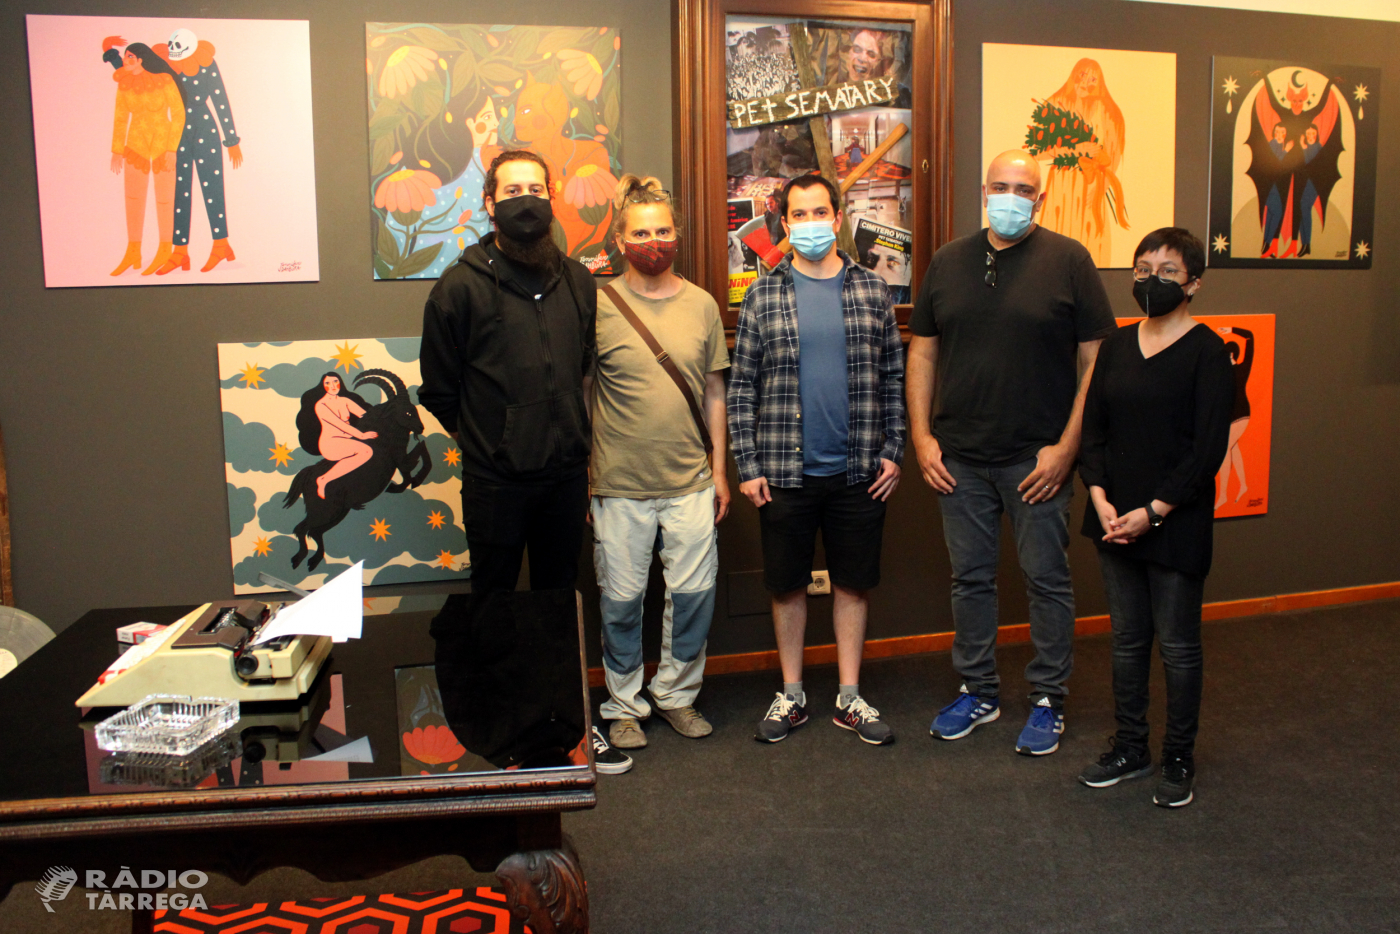 El Museu Tàrrega Urgell acull fins al 31 de juliol una exposició de l'artista plàstica Jennifer Dahbura inspirada en l'univers d'Stephen King